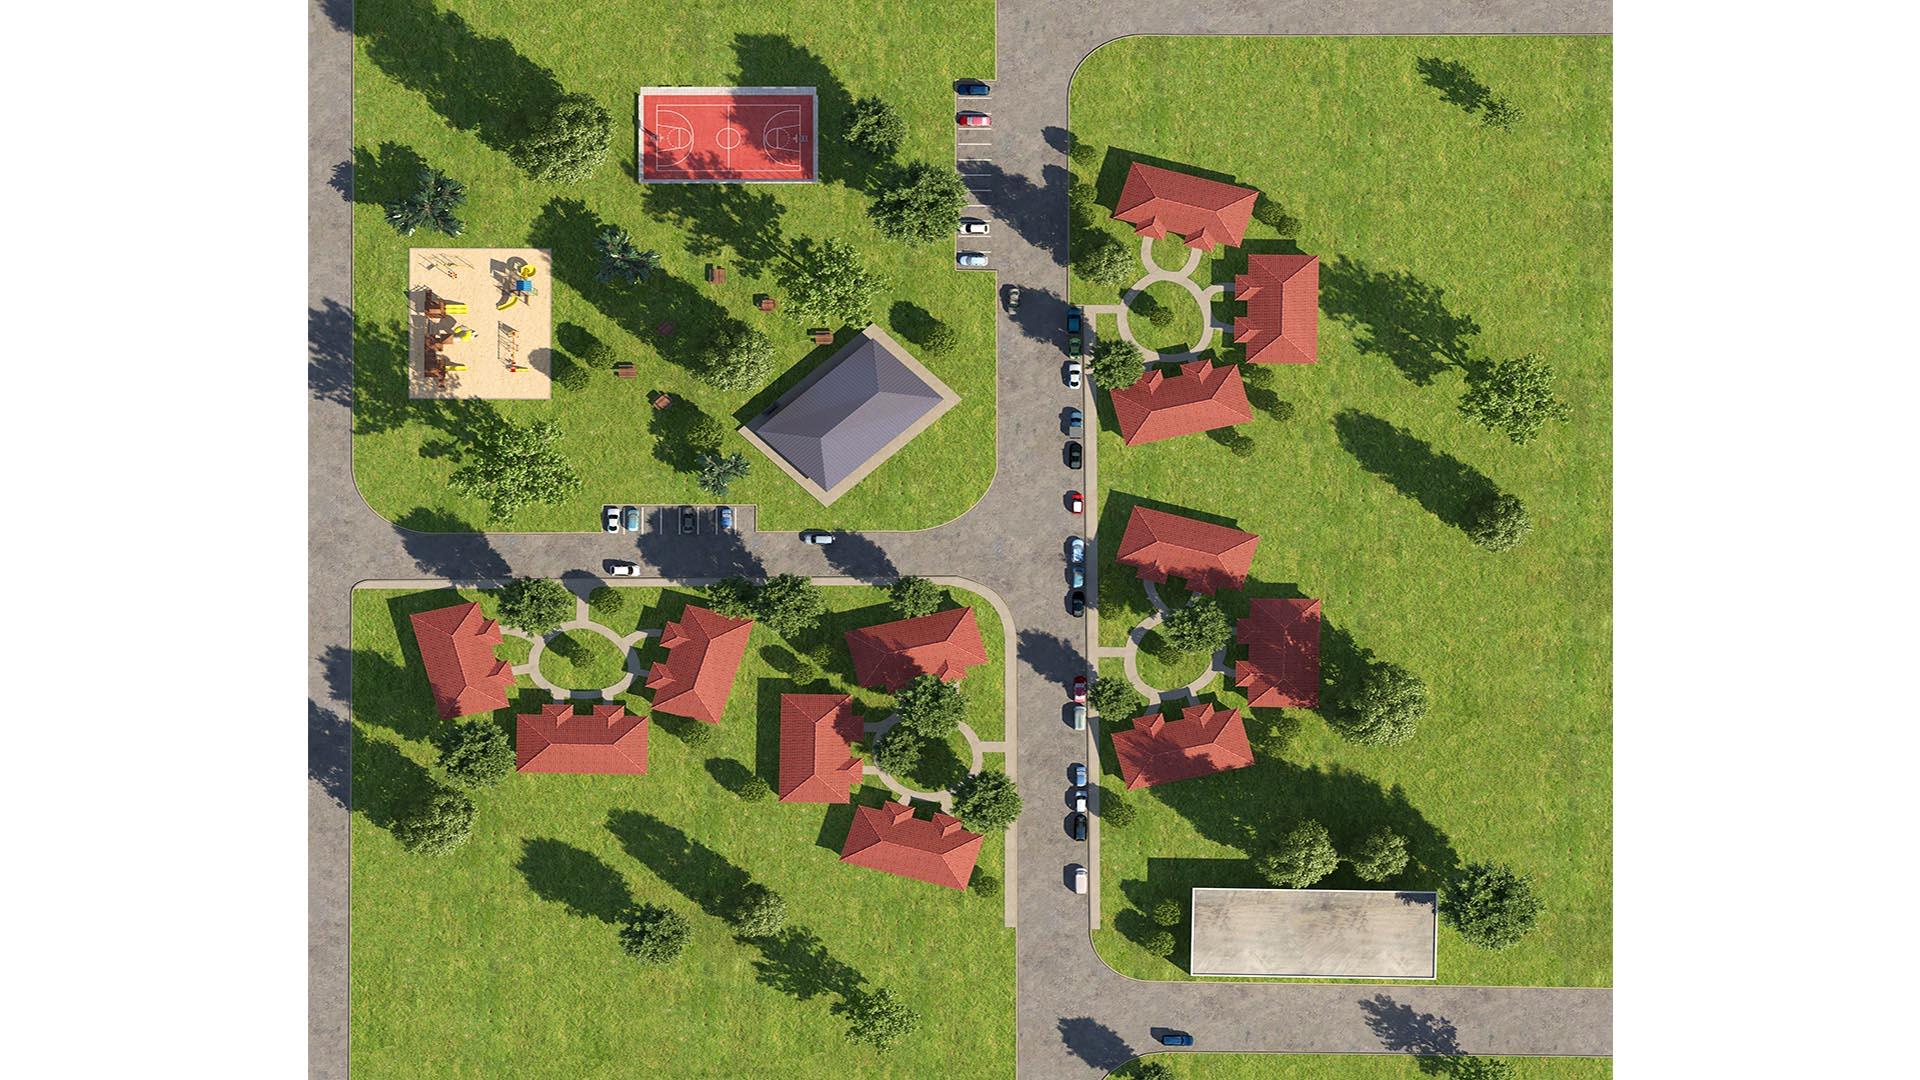 3D Render Site Plan apartment units